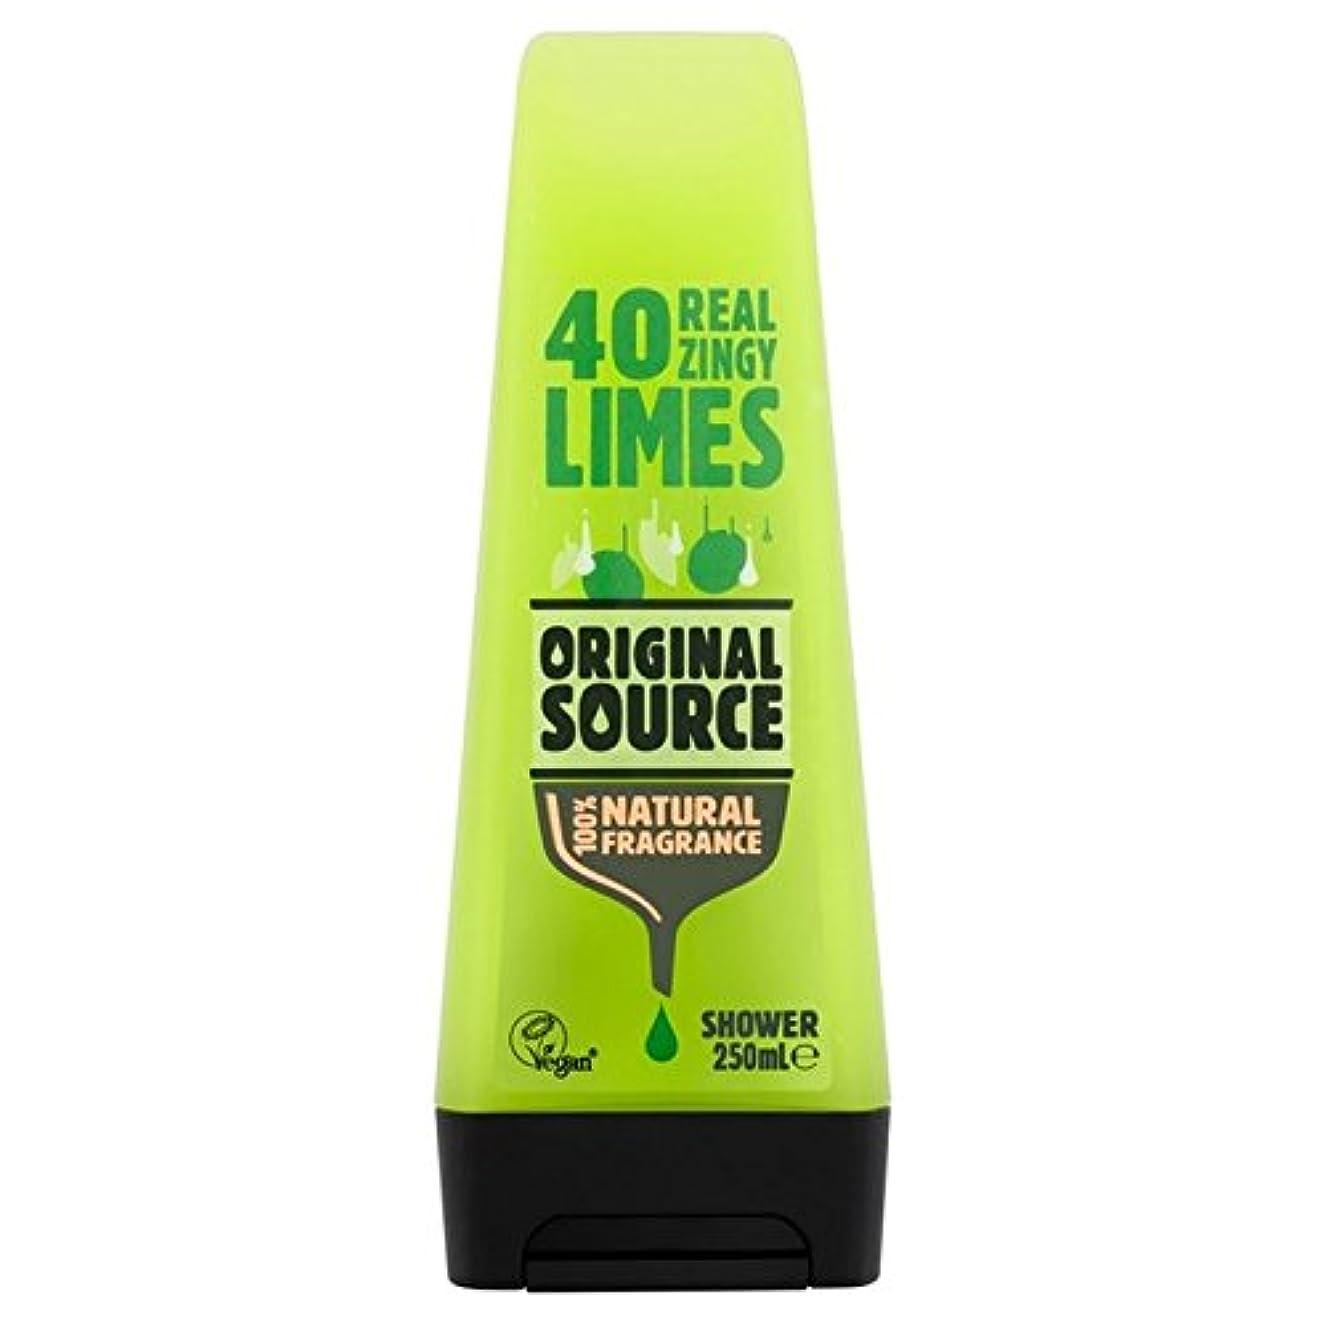 抗生物質可動是正するOriginal Source Lime Shower Gel 250ml (Pack of 6) - 元のソースライムシャワージェル250ミリリットル x6 [並行輸入品]